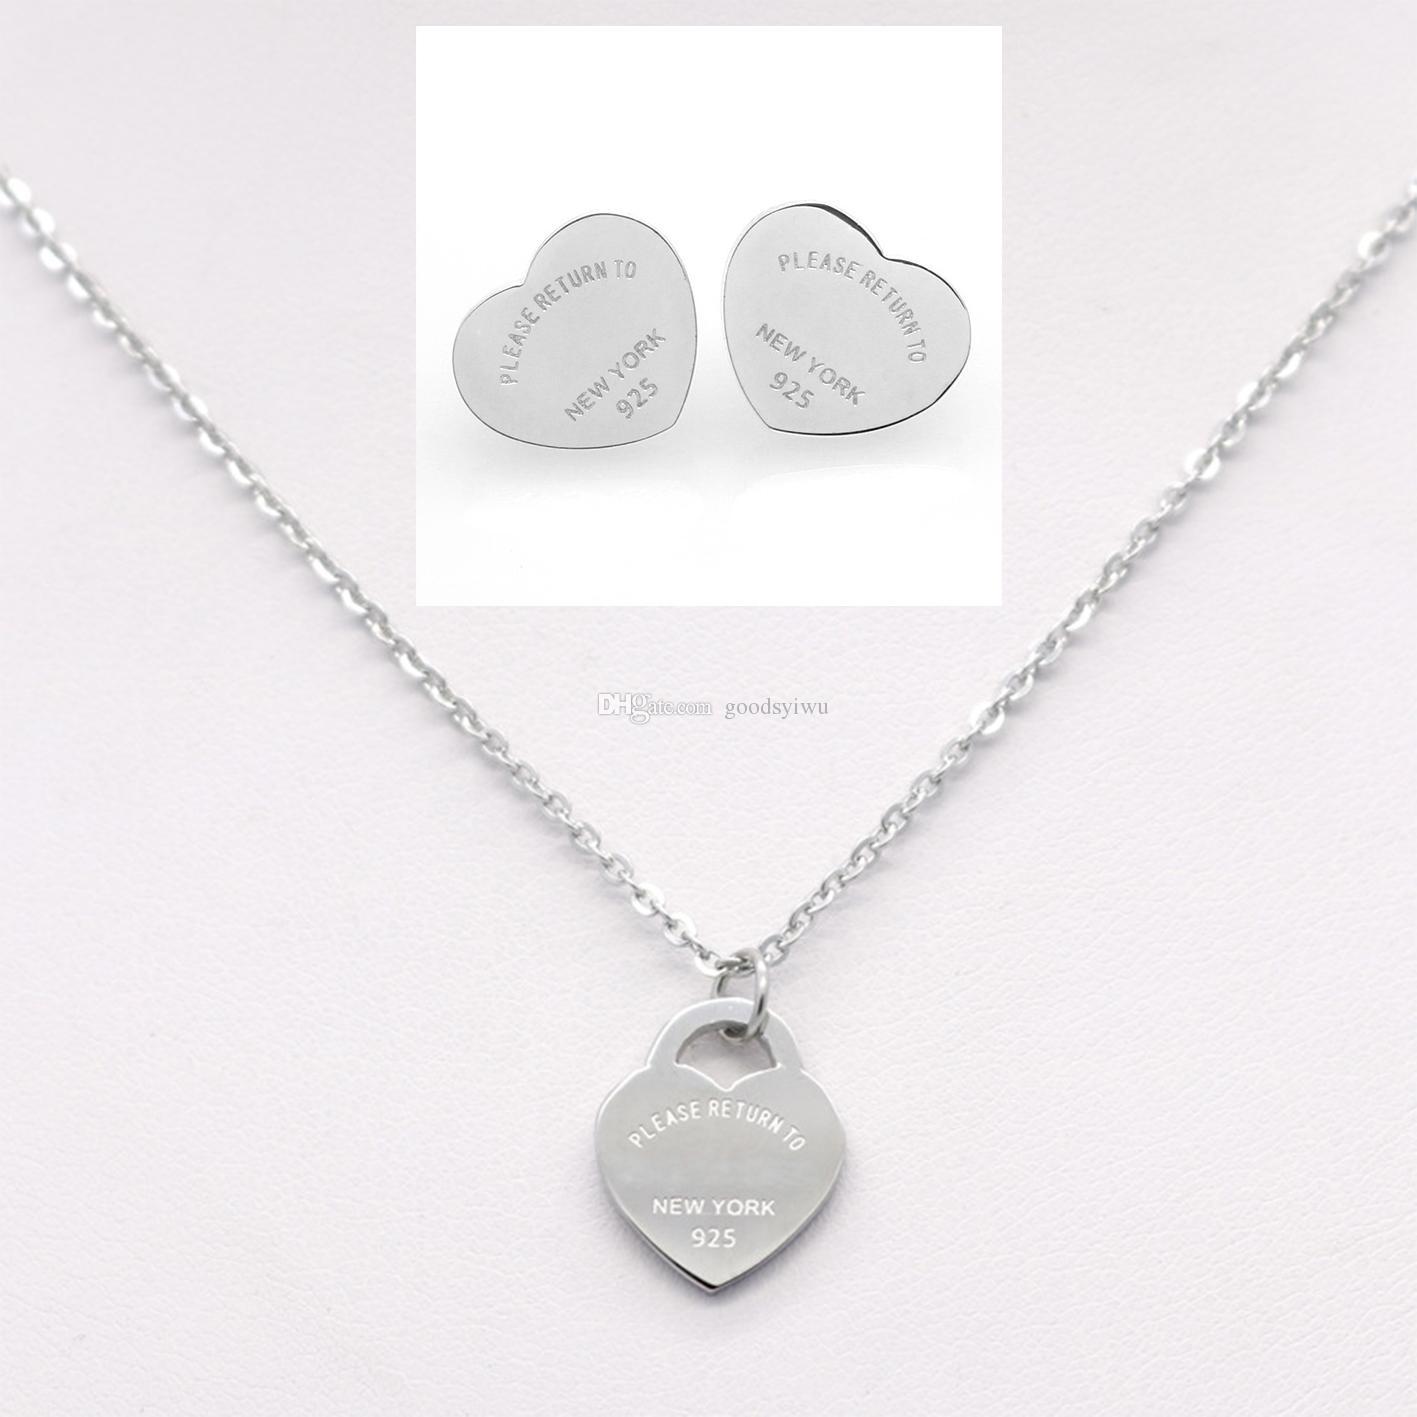 Luxury T Brand Silver Stainless Steel Heart Love Earrings Necklace Jewelry Set Women Letters New York Earrings Necklaces Wedding Jewelry